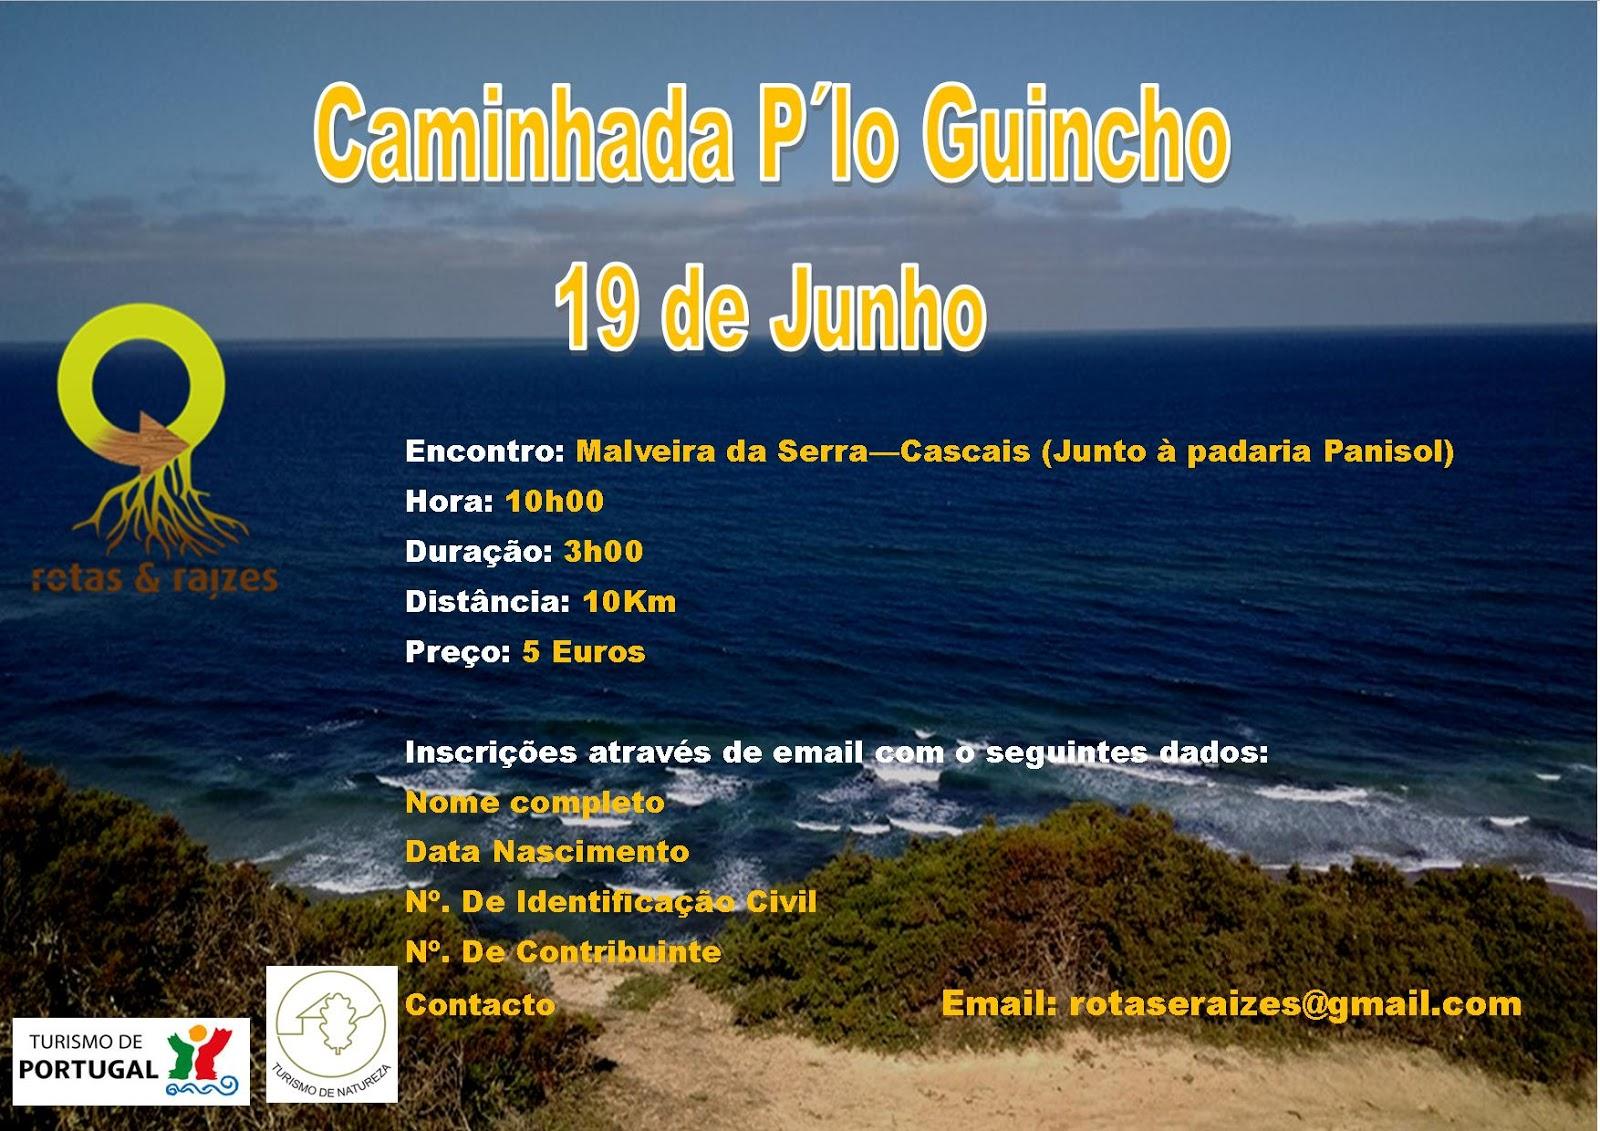 2016/06/19 - Caminhada P´lo Guincho - Cascais Cartaz%2Bdo%2BGuincho%2B19%2Bde%2Bjunho2016